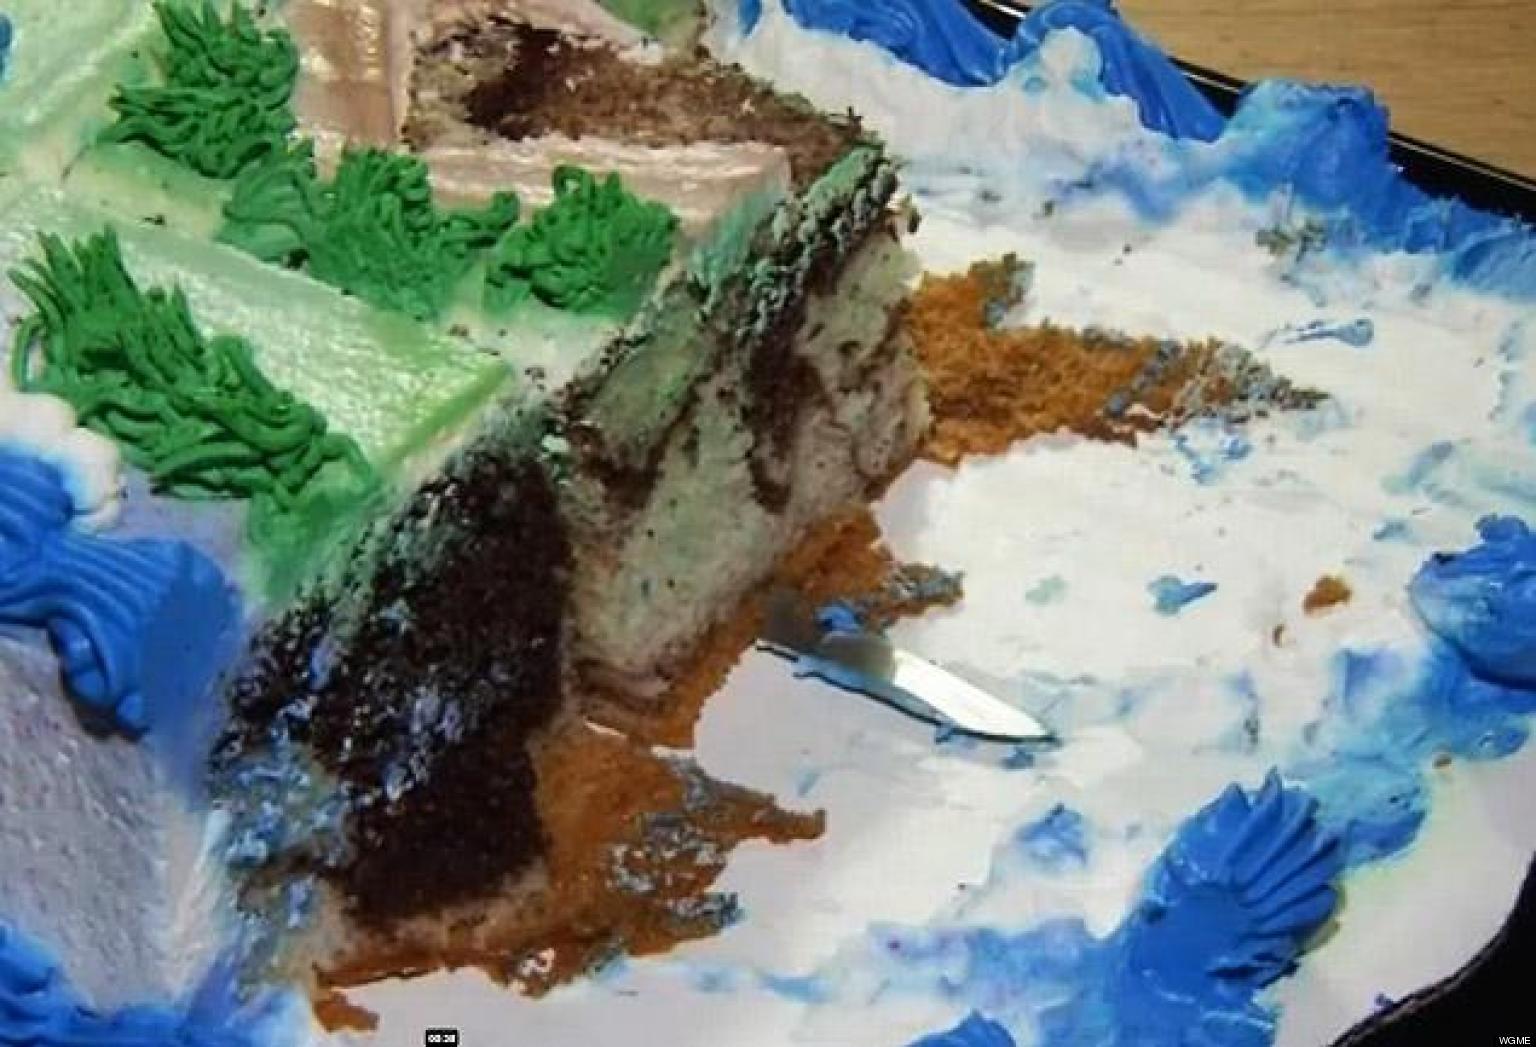 Knife In Walmart Cake Cayden Bibeau 2 Finds Weapon In His Elmo